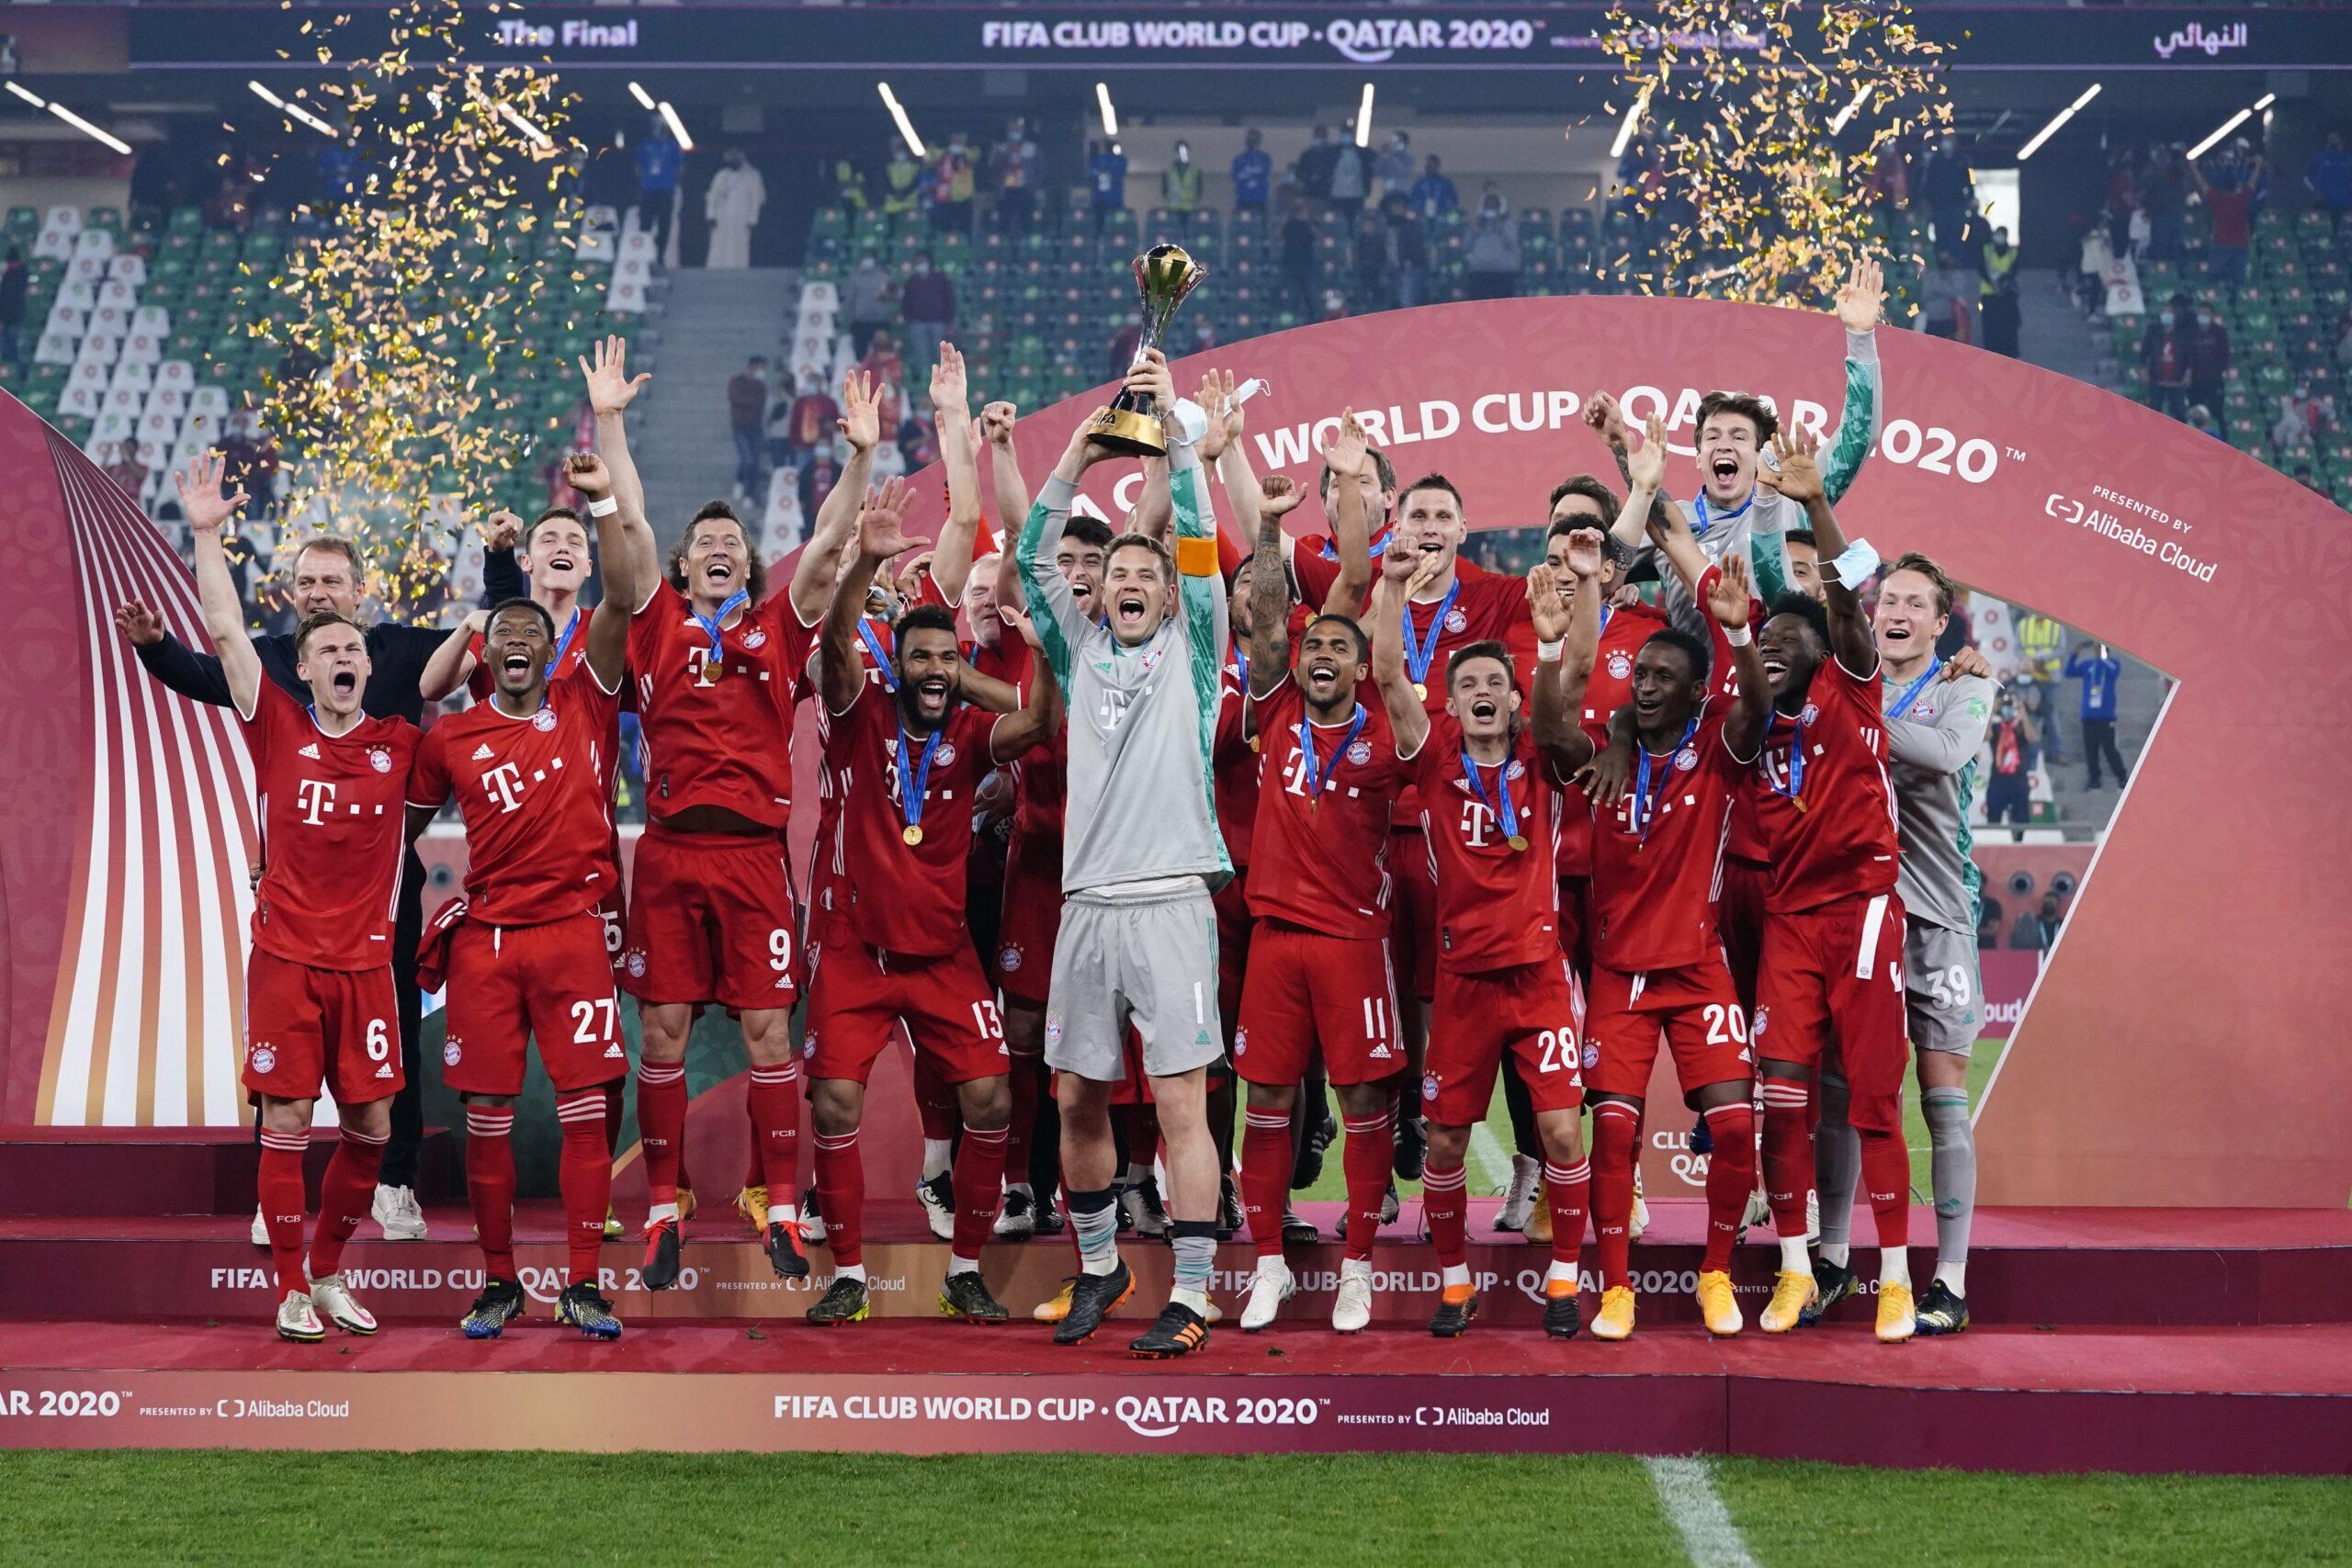 Bayern de Munique conquista o Mundial de Clubes, Já o Palmeiras fica em quarto